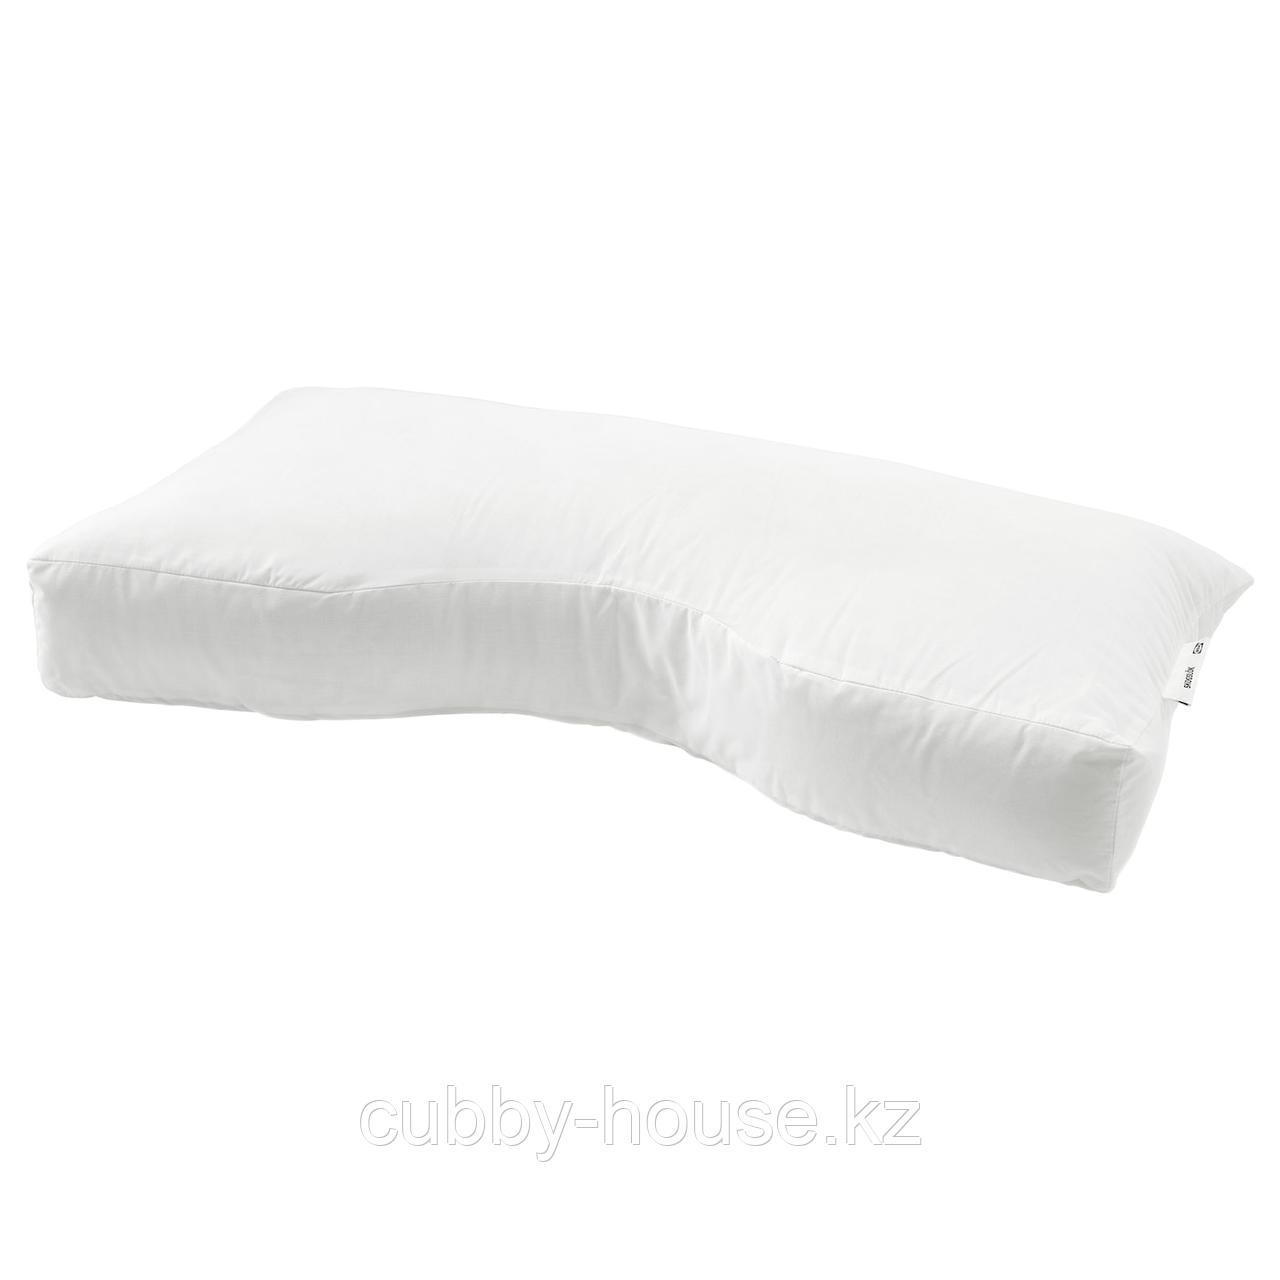 СКОГСЛЁК Эргономичная подушка, универсальная, 40x65 см